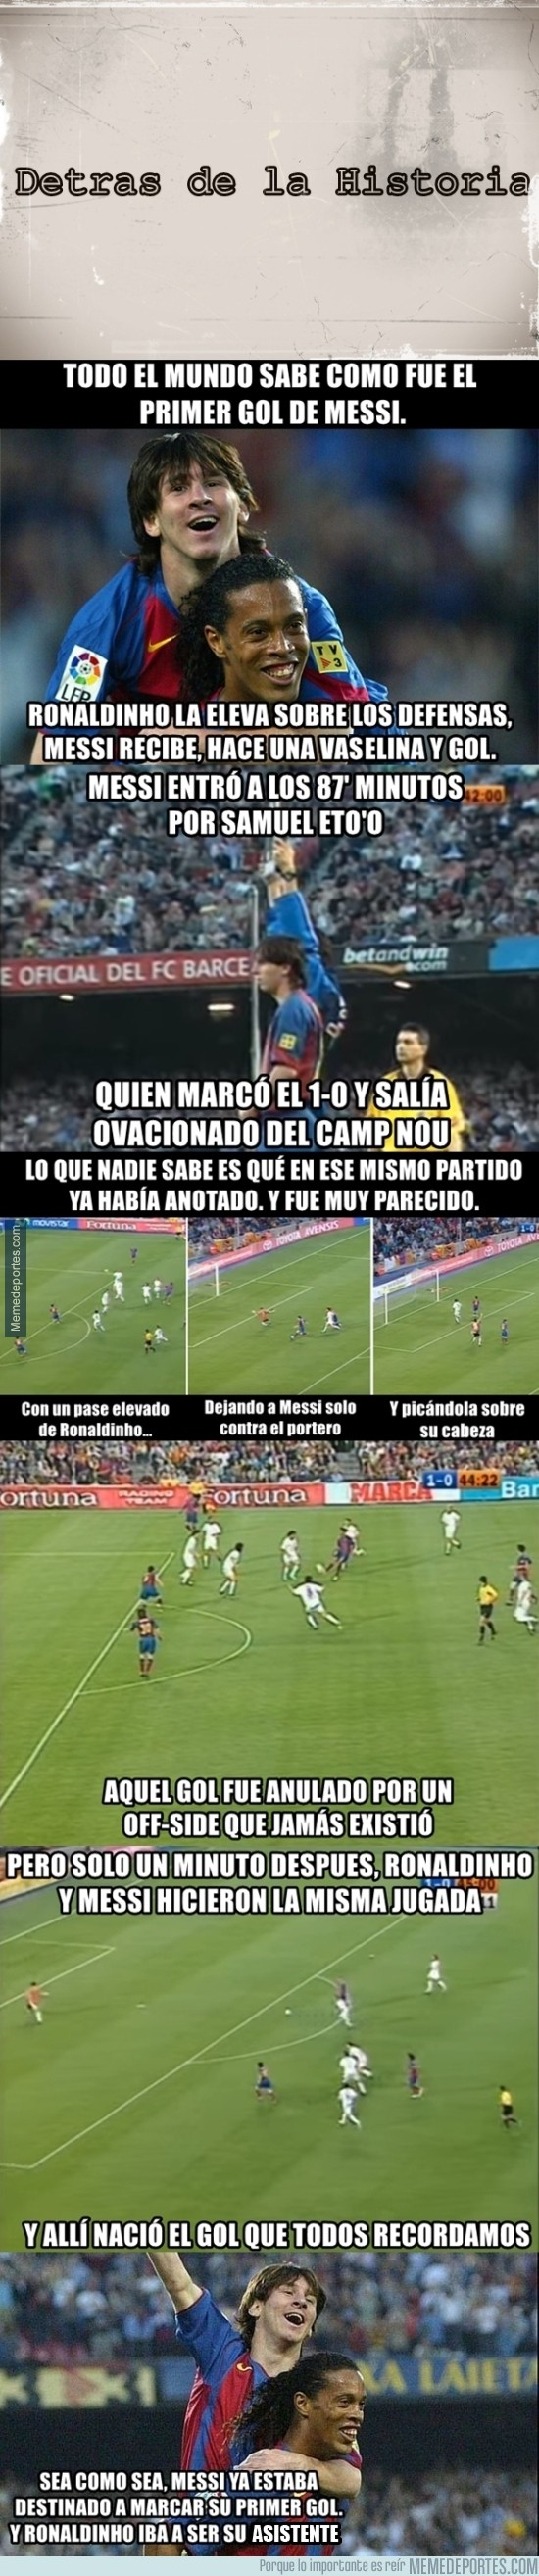 823880 - La historia del primer gol de Messi